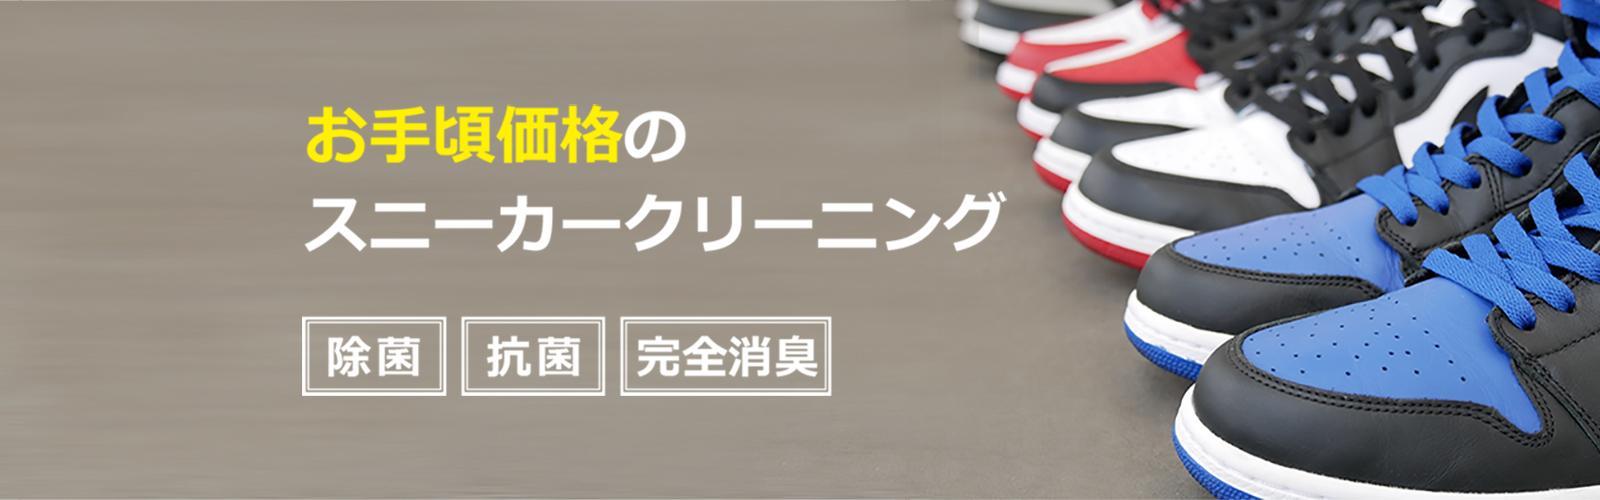 mainbanner_改